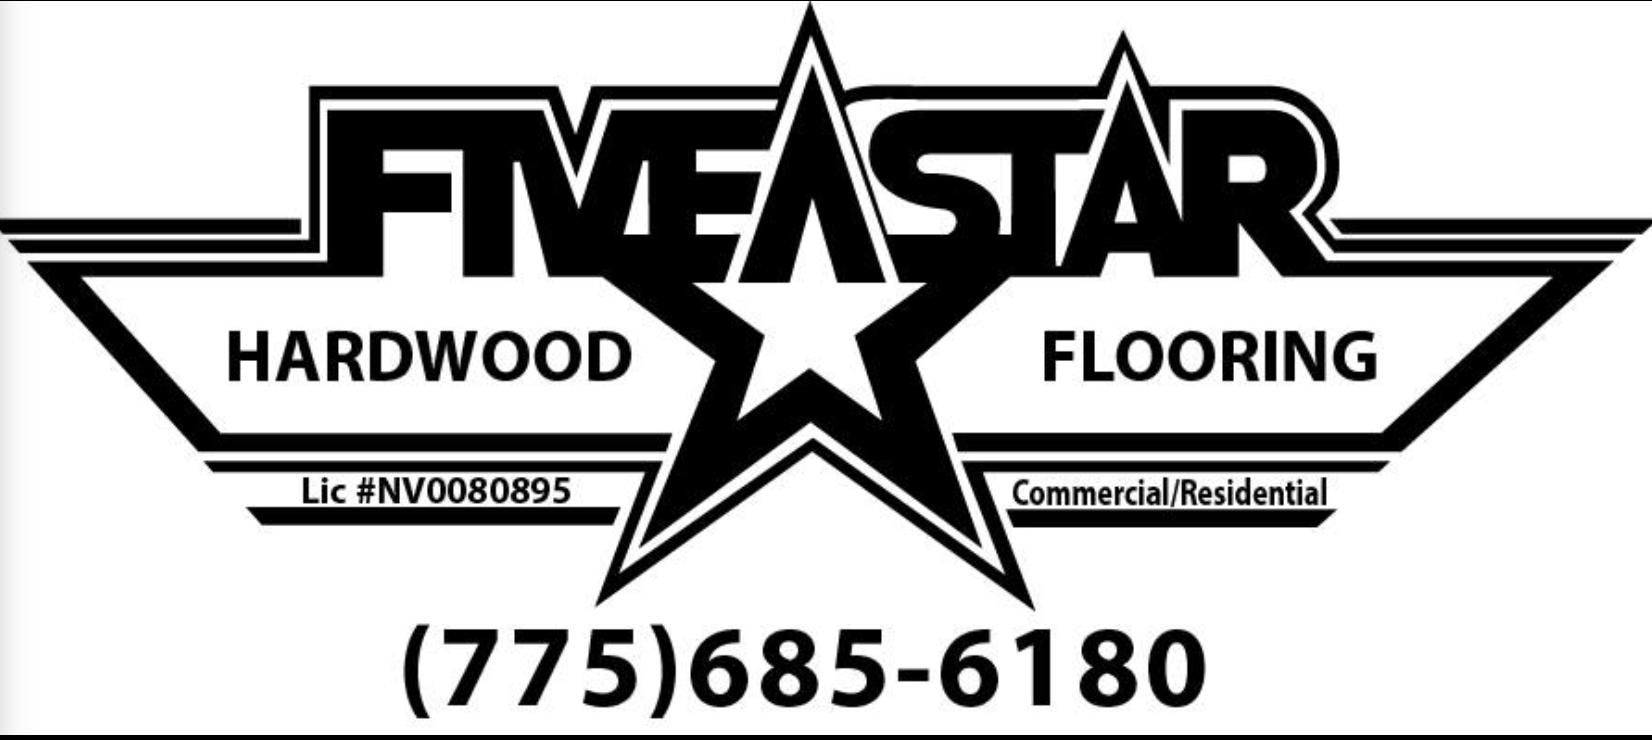 Five Star Hardwood Flooring - 625 Spice Islands Dr Suite A, Sparks, NV 89431